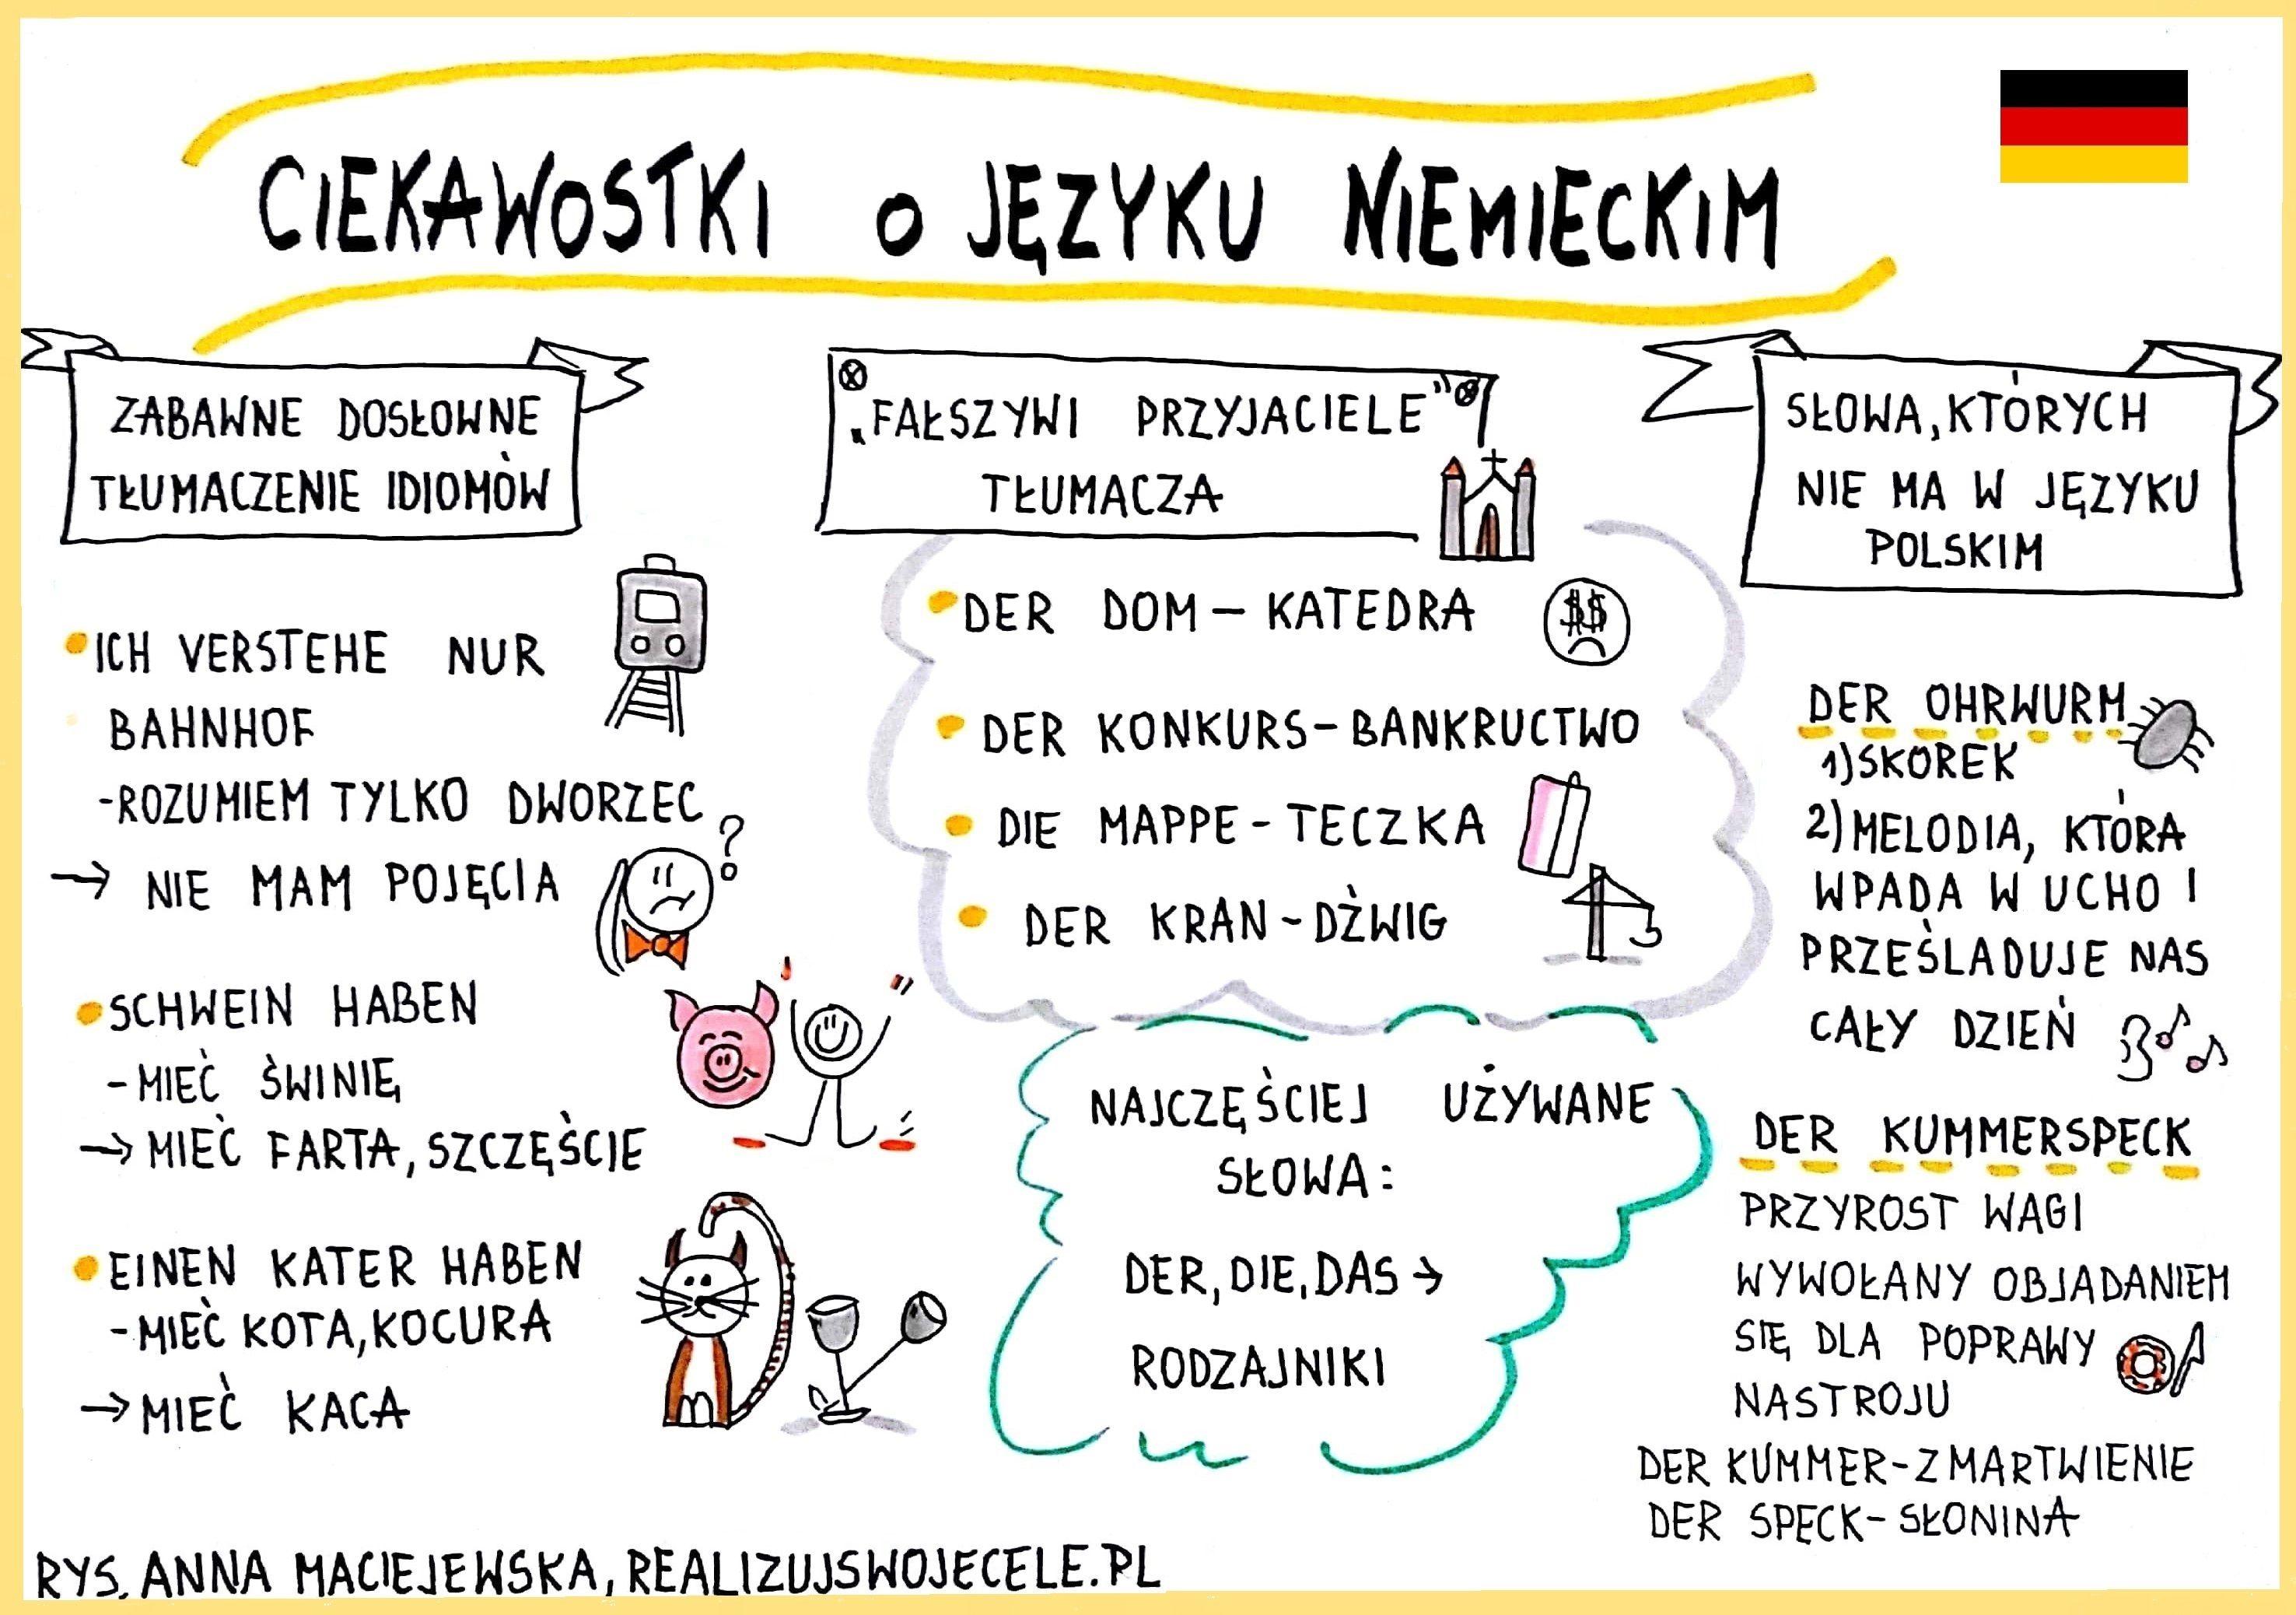 Ciekawostki O Jezyku Niemieckim German Language Course E Book Mind Maping